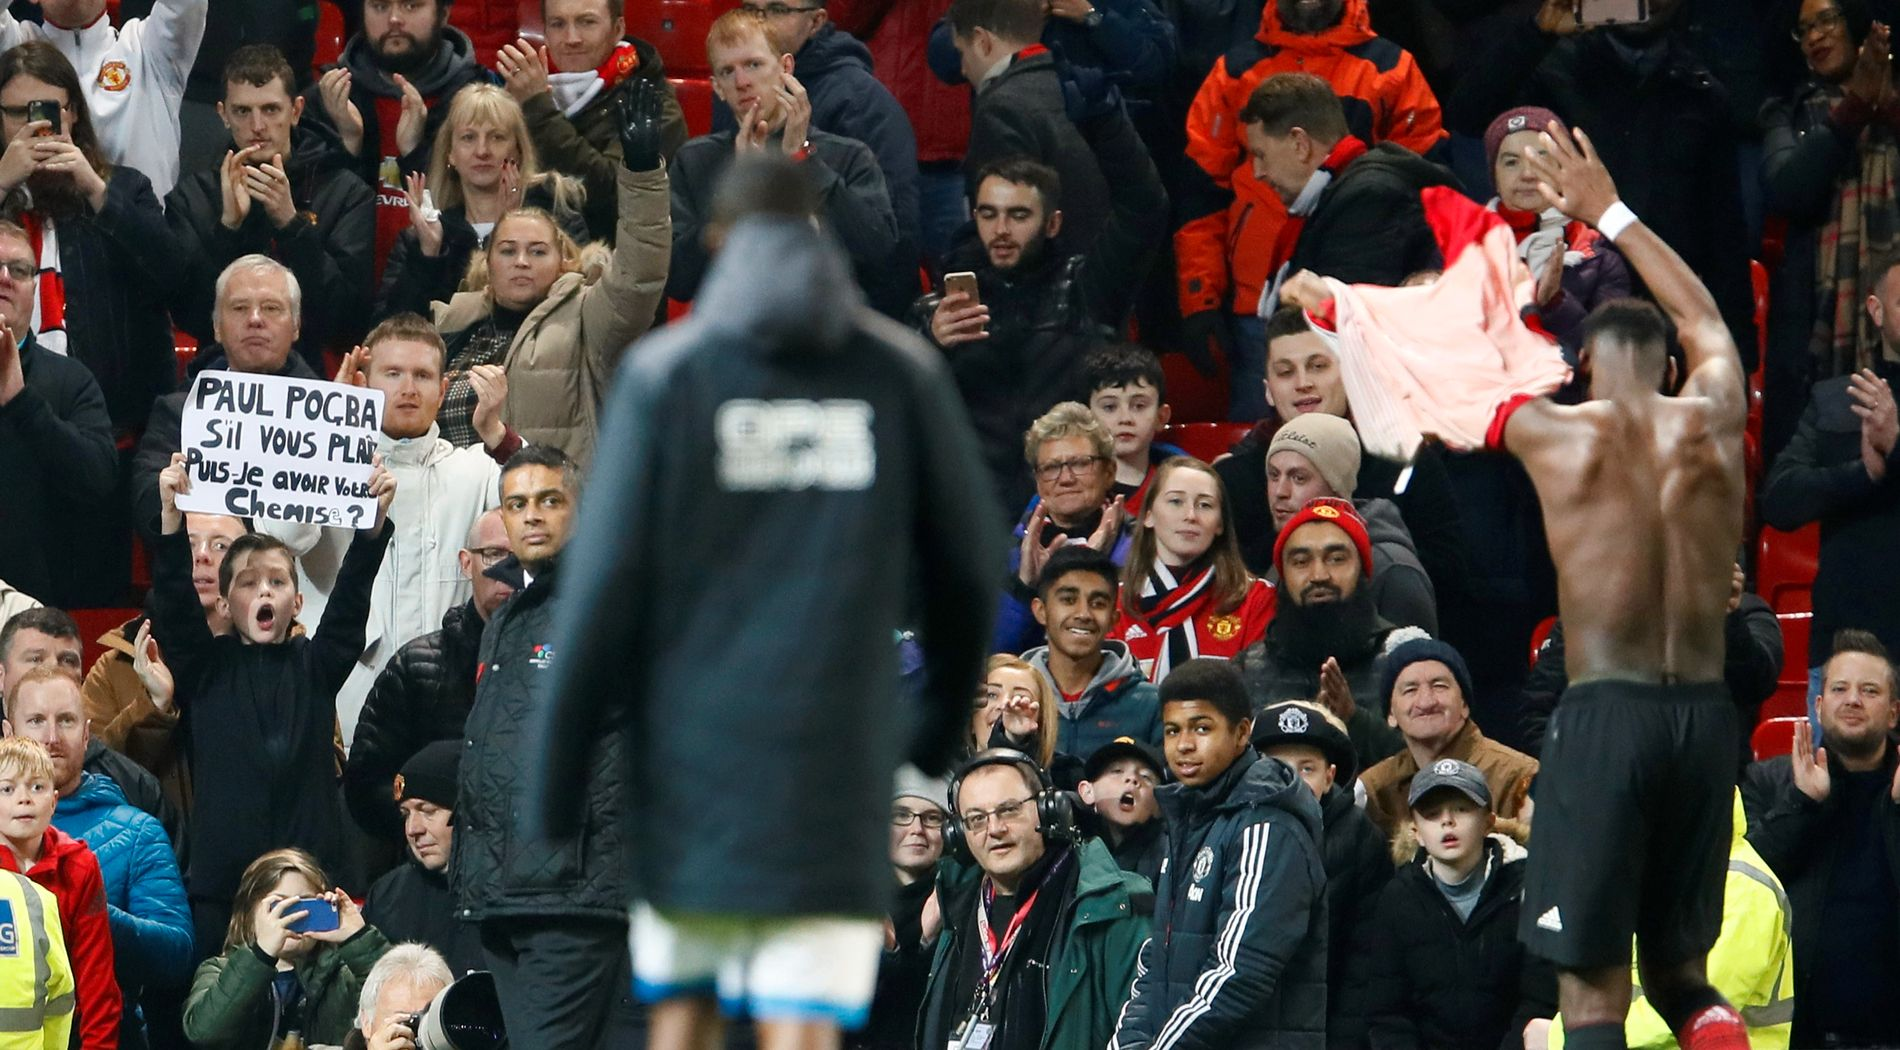 Paul Pogba var høyt oppe etter å ha scoret to ganger mot Huddersfield. Han ga drakten til en supporter på Stretford End etter kampen.